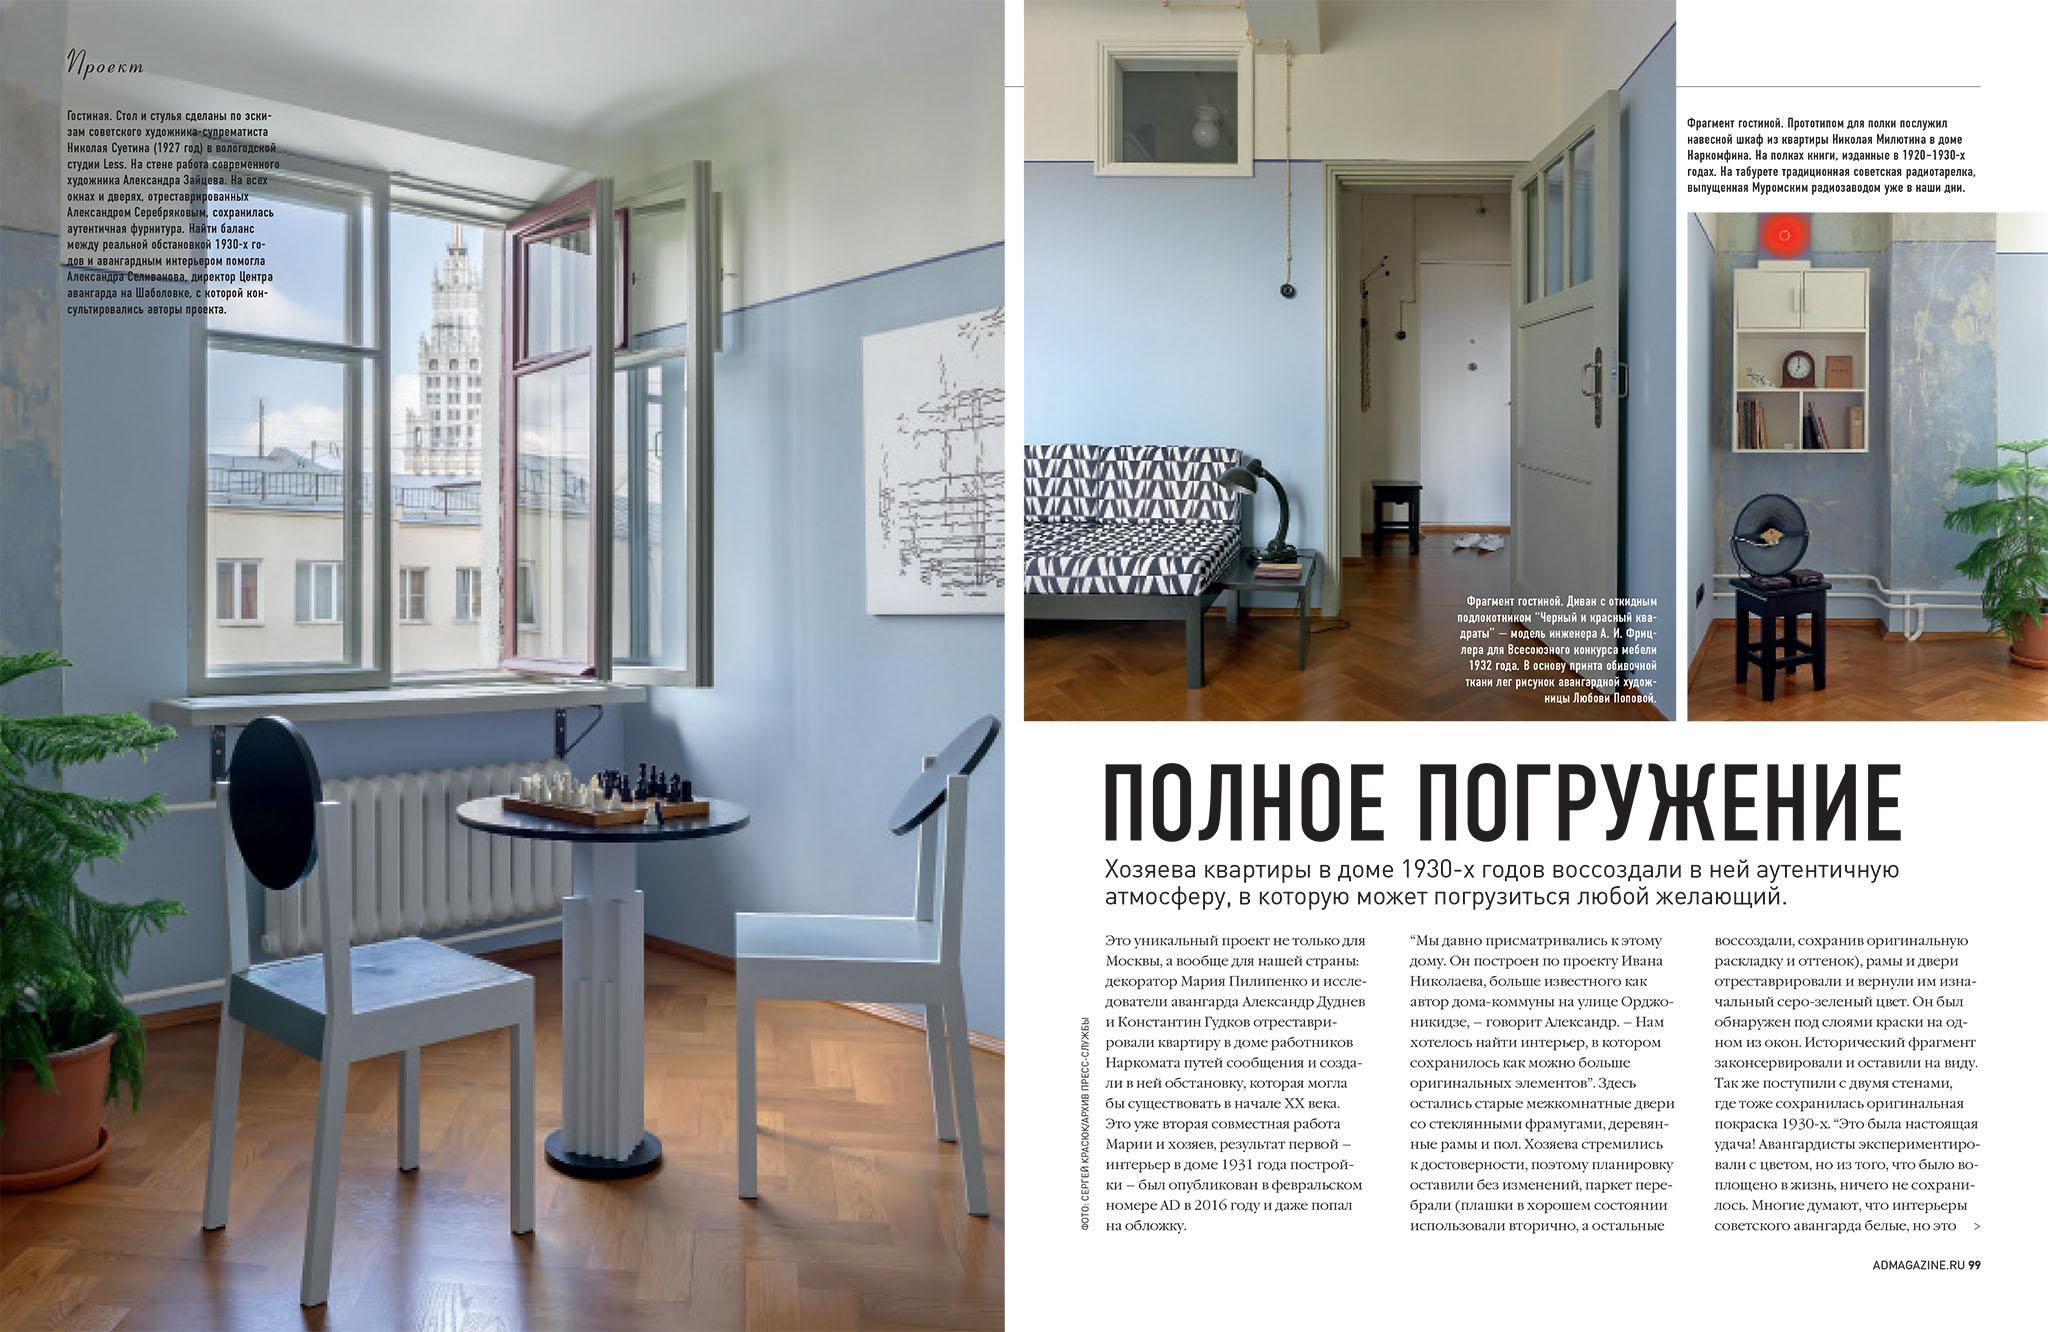 Интерьерный фотограф Сергей Красюк.